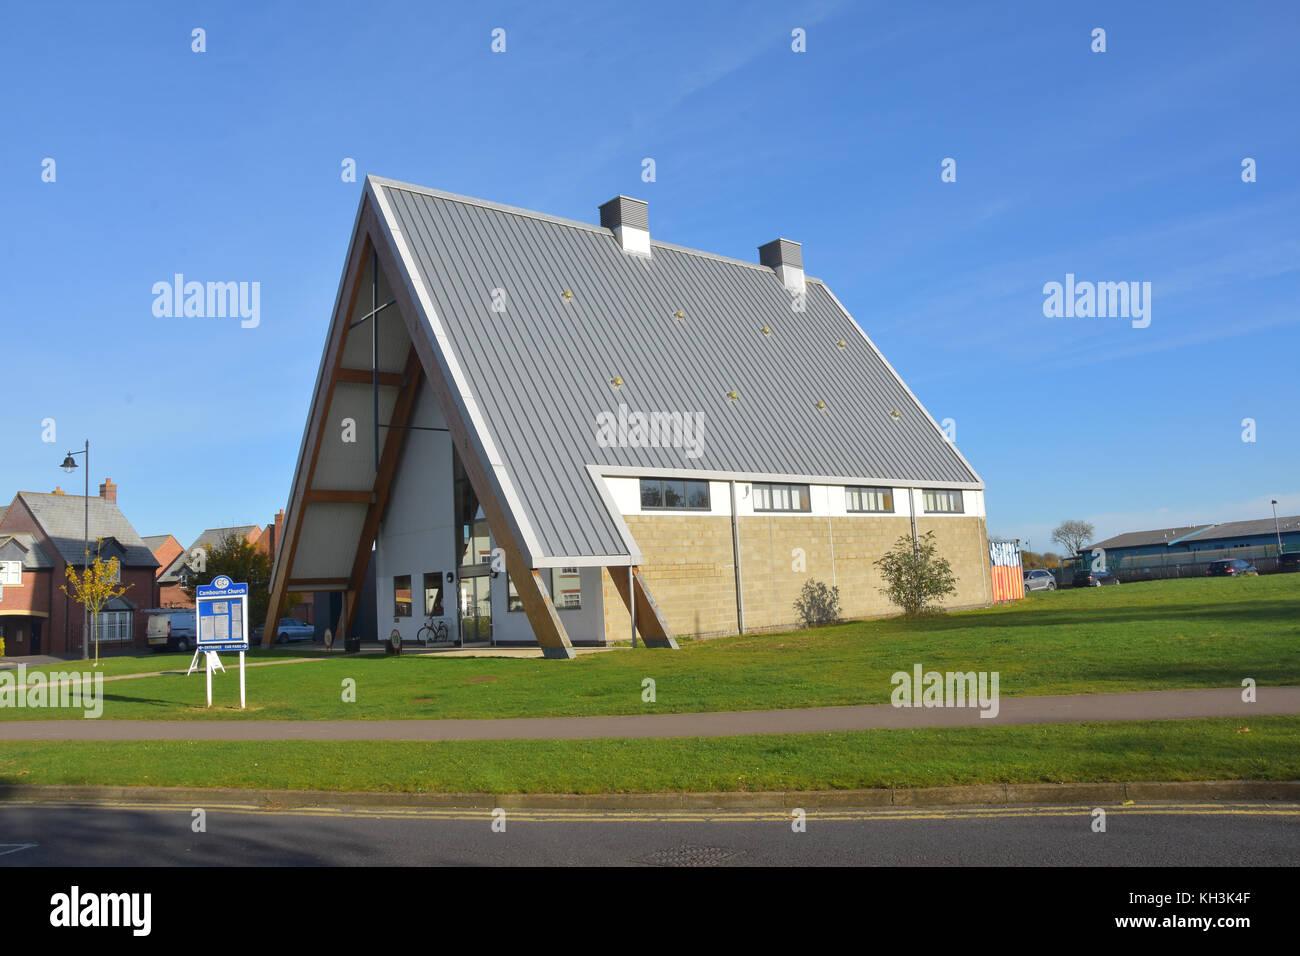 Multi-denominational church in Cambourne, Cambridgeshire - Stock Image